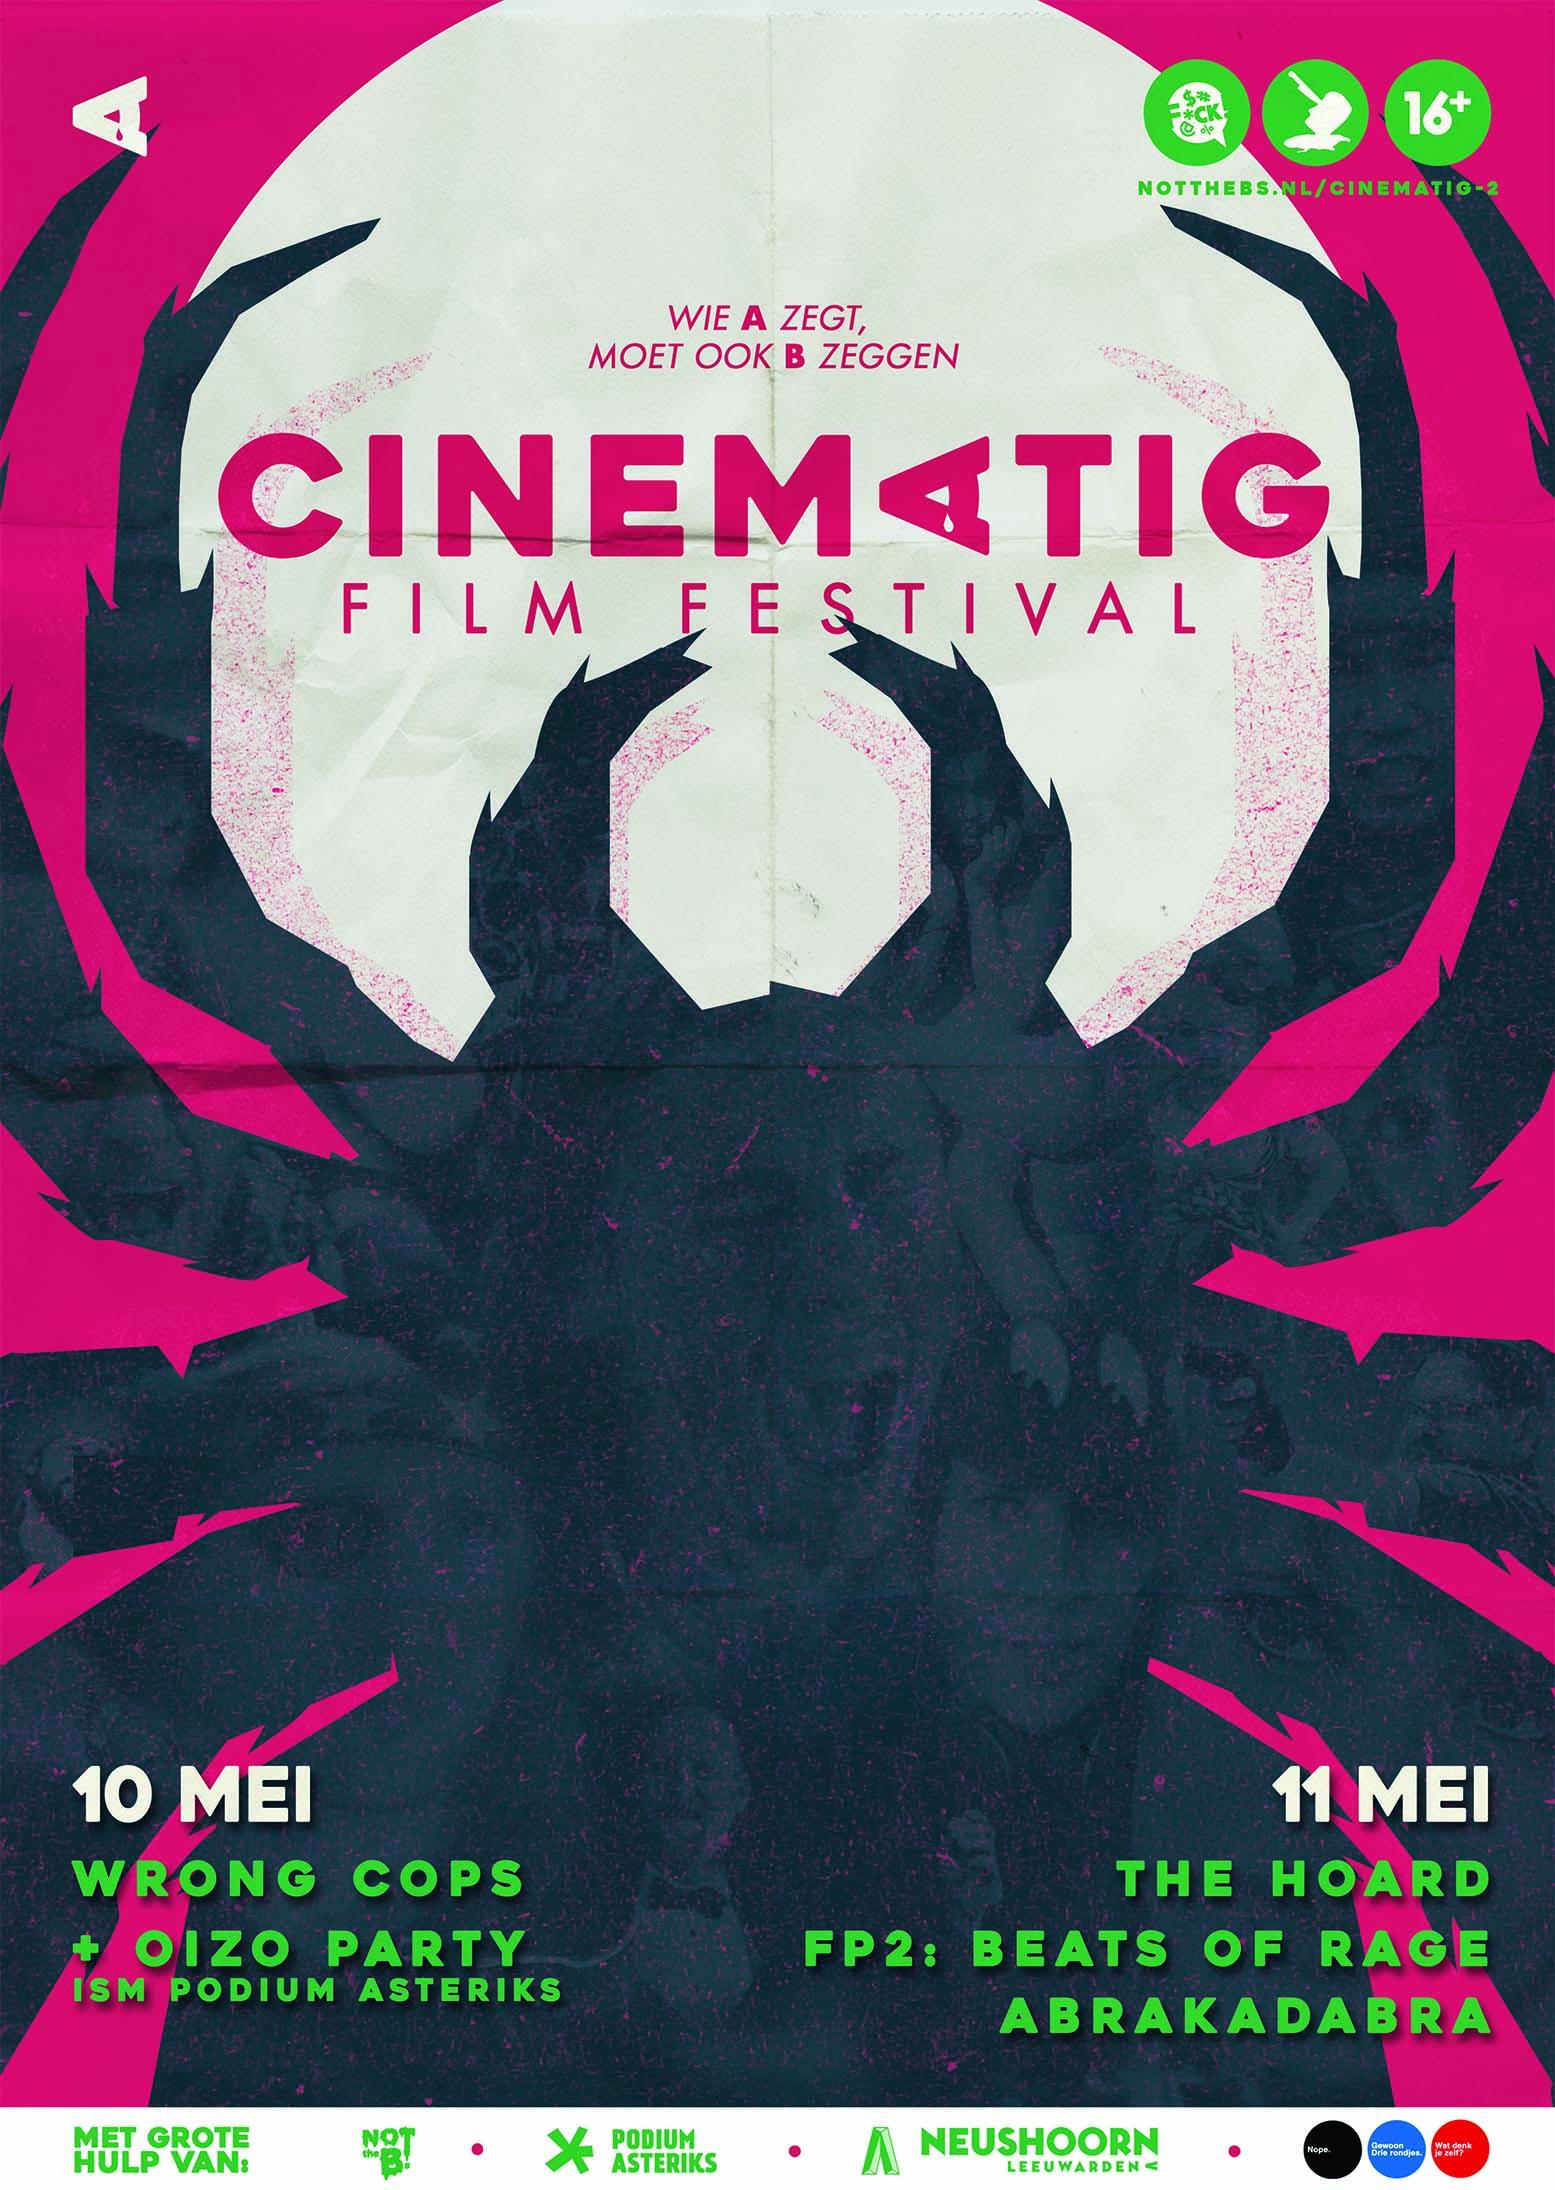 Asteriks Stramien 2019 incl bleed 2mm – Cinematig